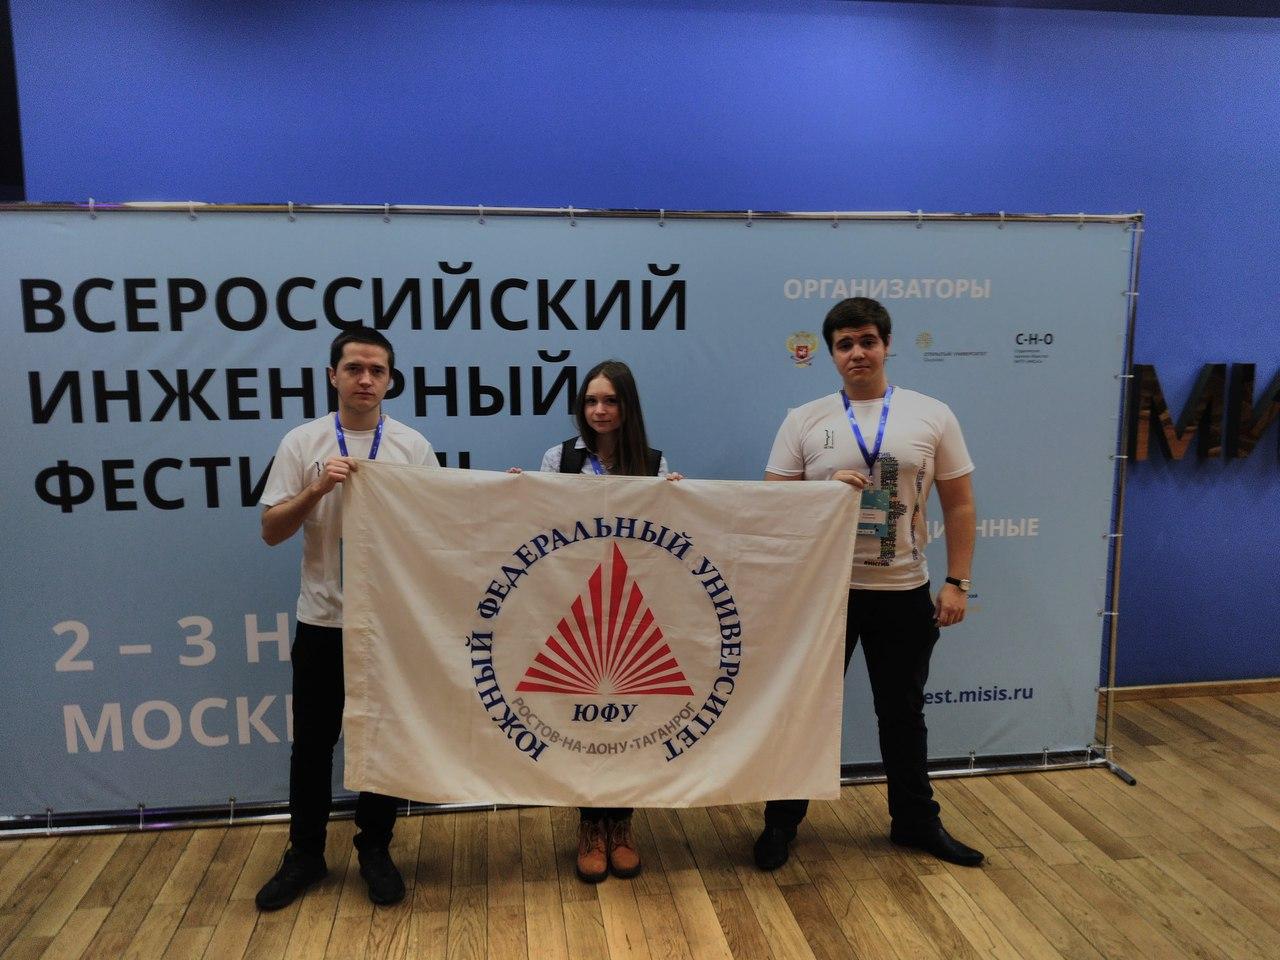 В Таганроге завершился Всероссийский инженерный фестиваль